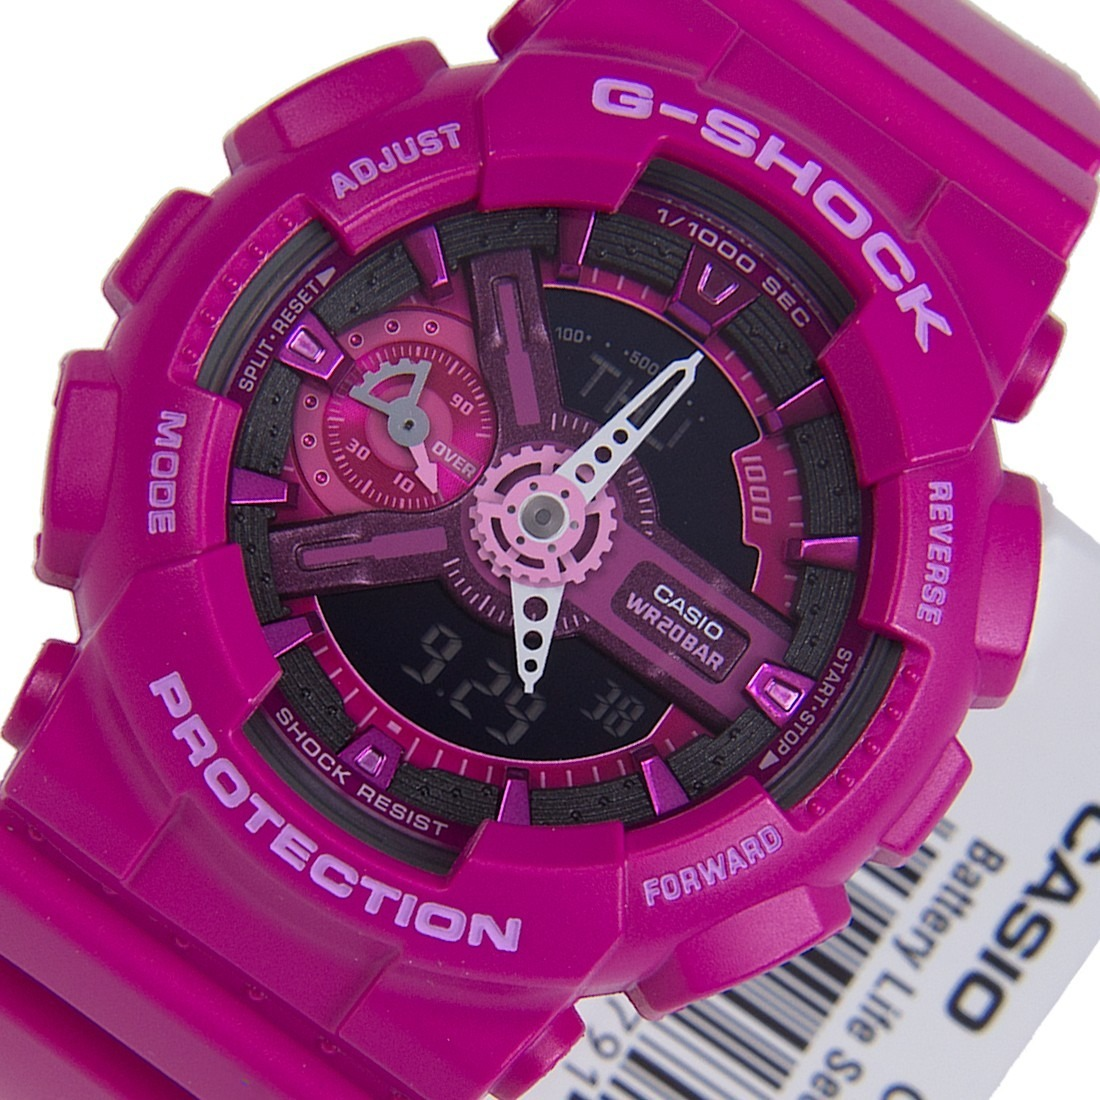 9abd9223e15f Reloj Casio G-shock Gma-s110mp-4a3er Fucsia -   130.000 en Mercado Libre